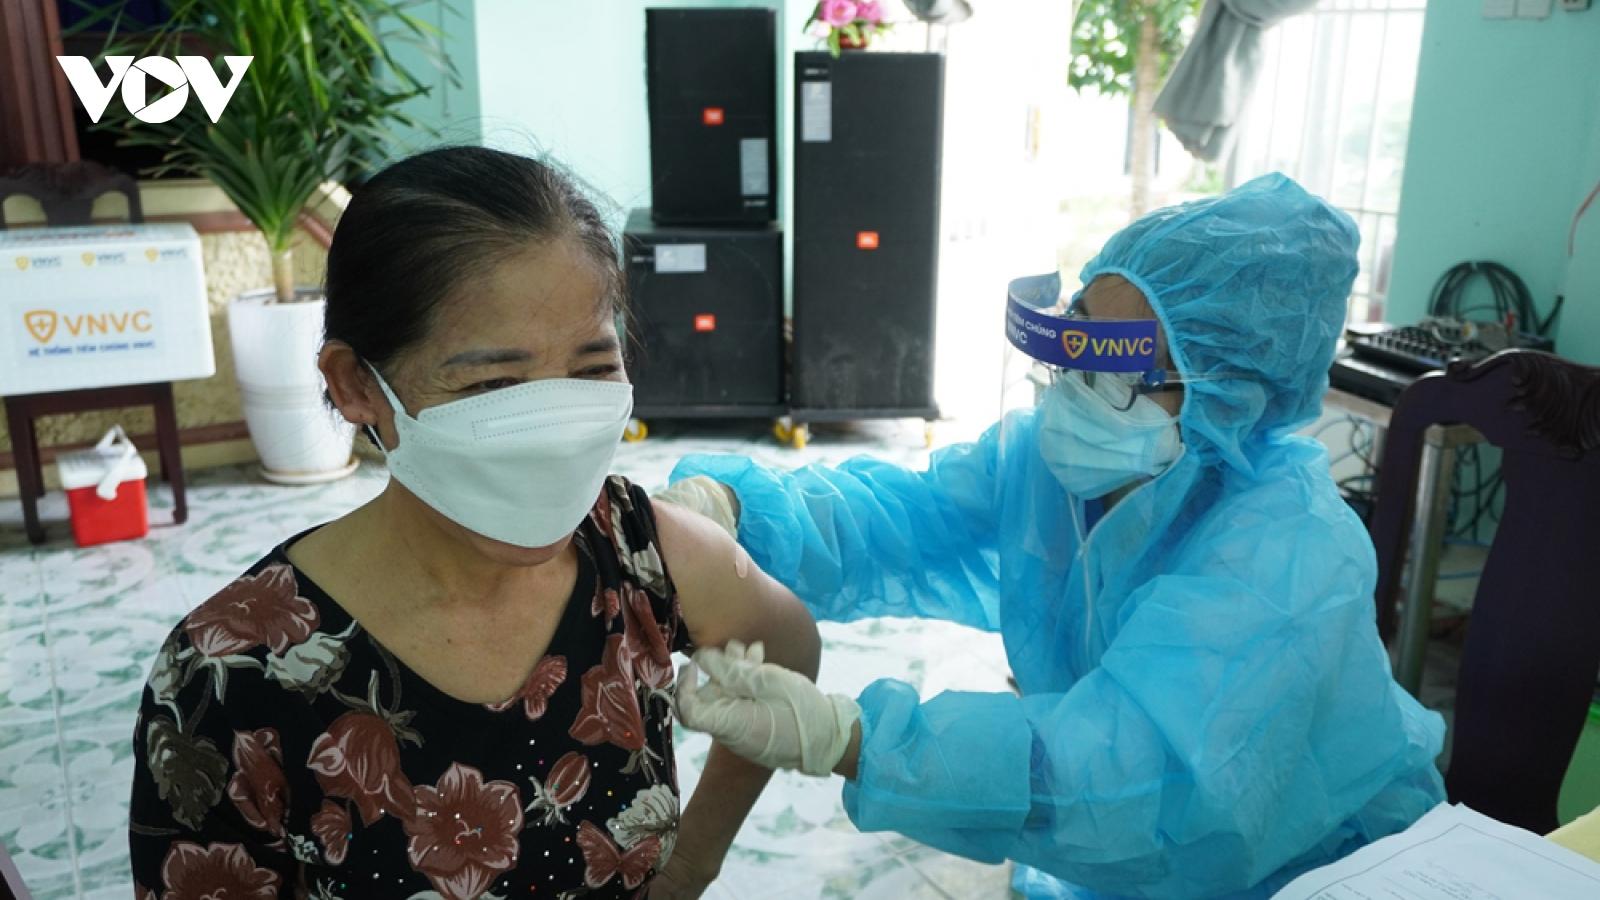 Bình Dương đặt mục tiêu tiêm 100.000 liều vaccine phòng Covid-19 trong một ngày